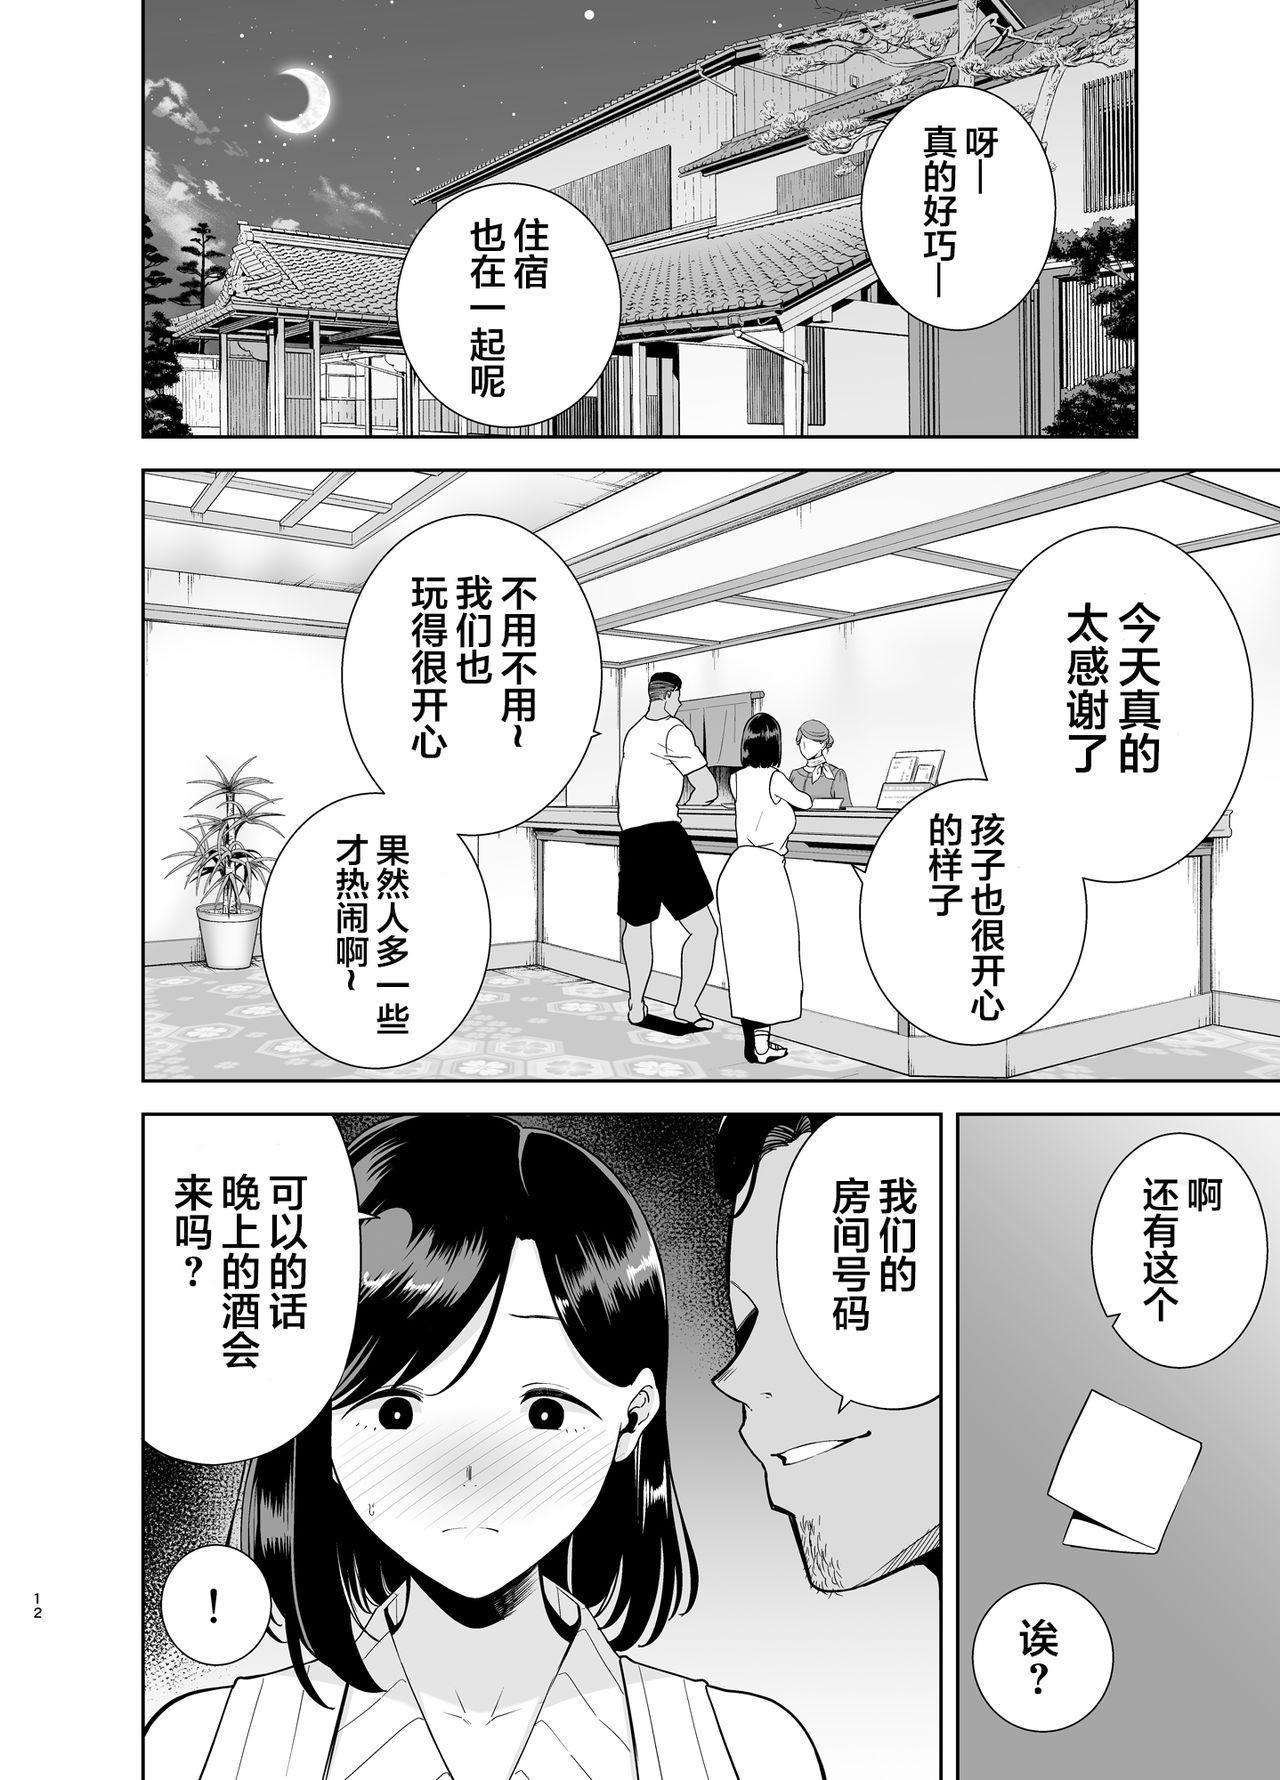 [DOLL PLAY (Kurosu Gatari)] Natsuzuma ~Natsu, Ryokan, Nanpa Otoko-tachi ni Ochita Tsuma~ Megane Nashi [Chinese] [翻车汉化组] 10